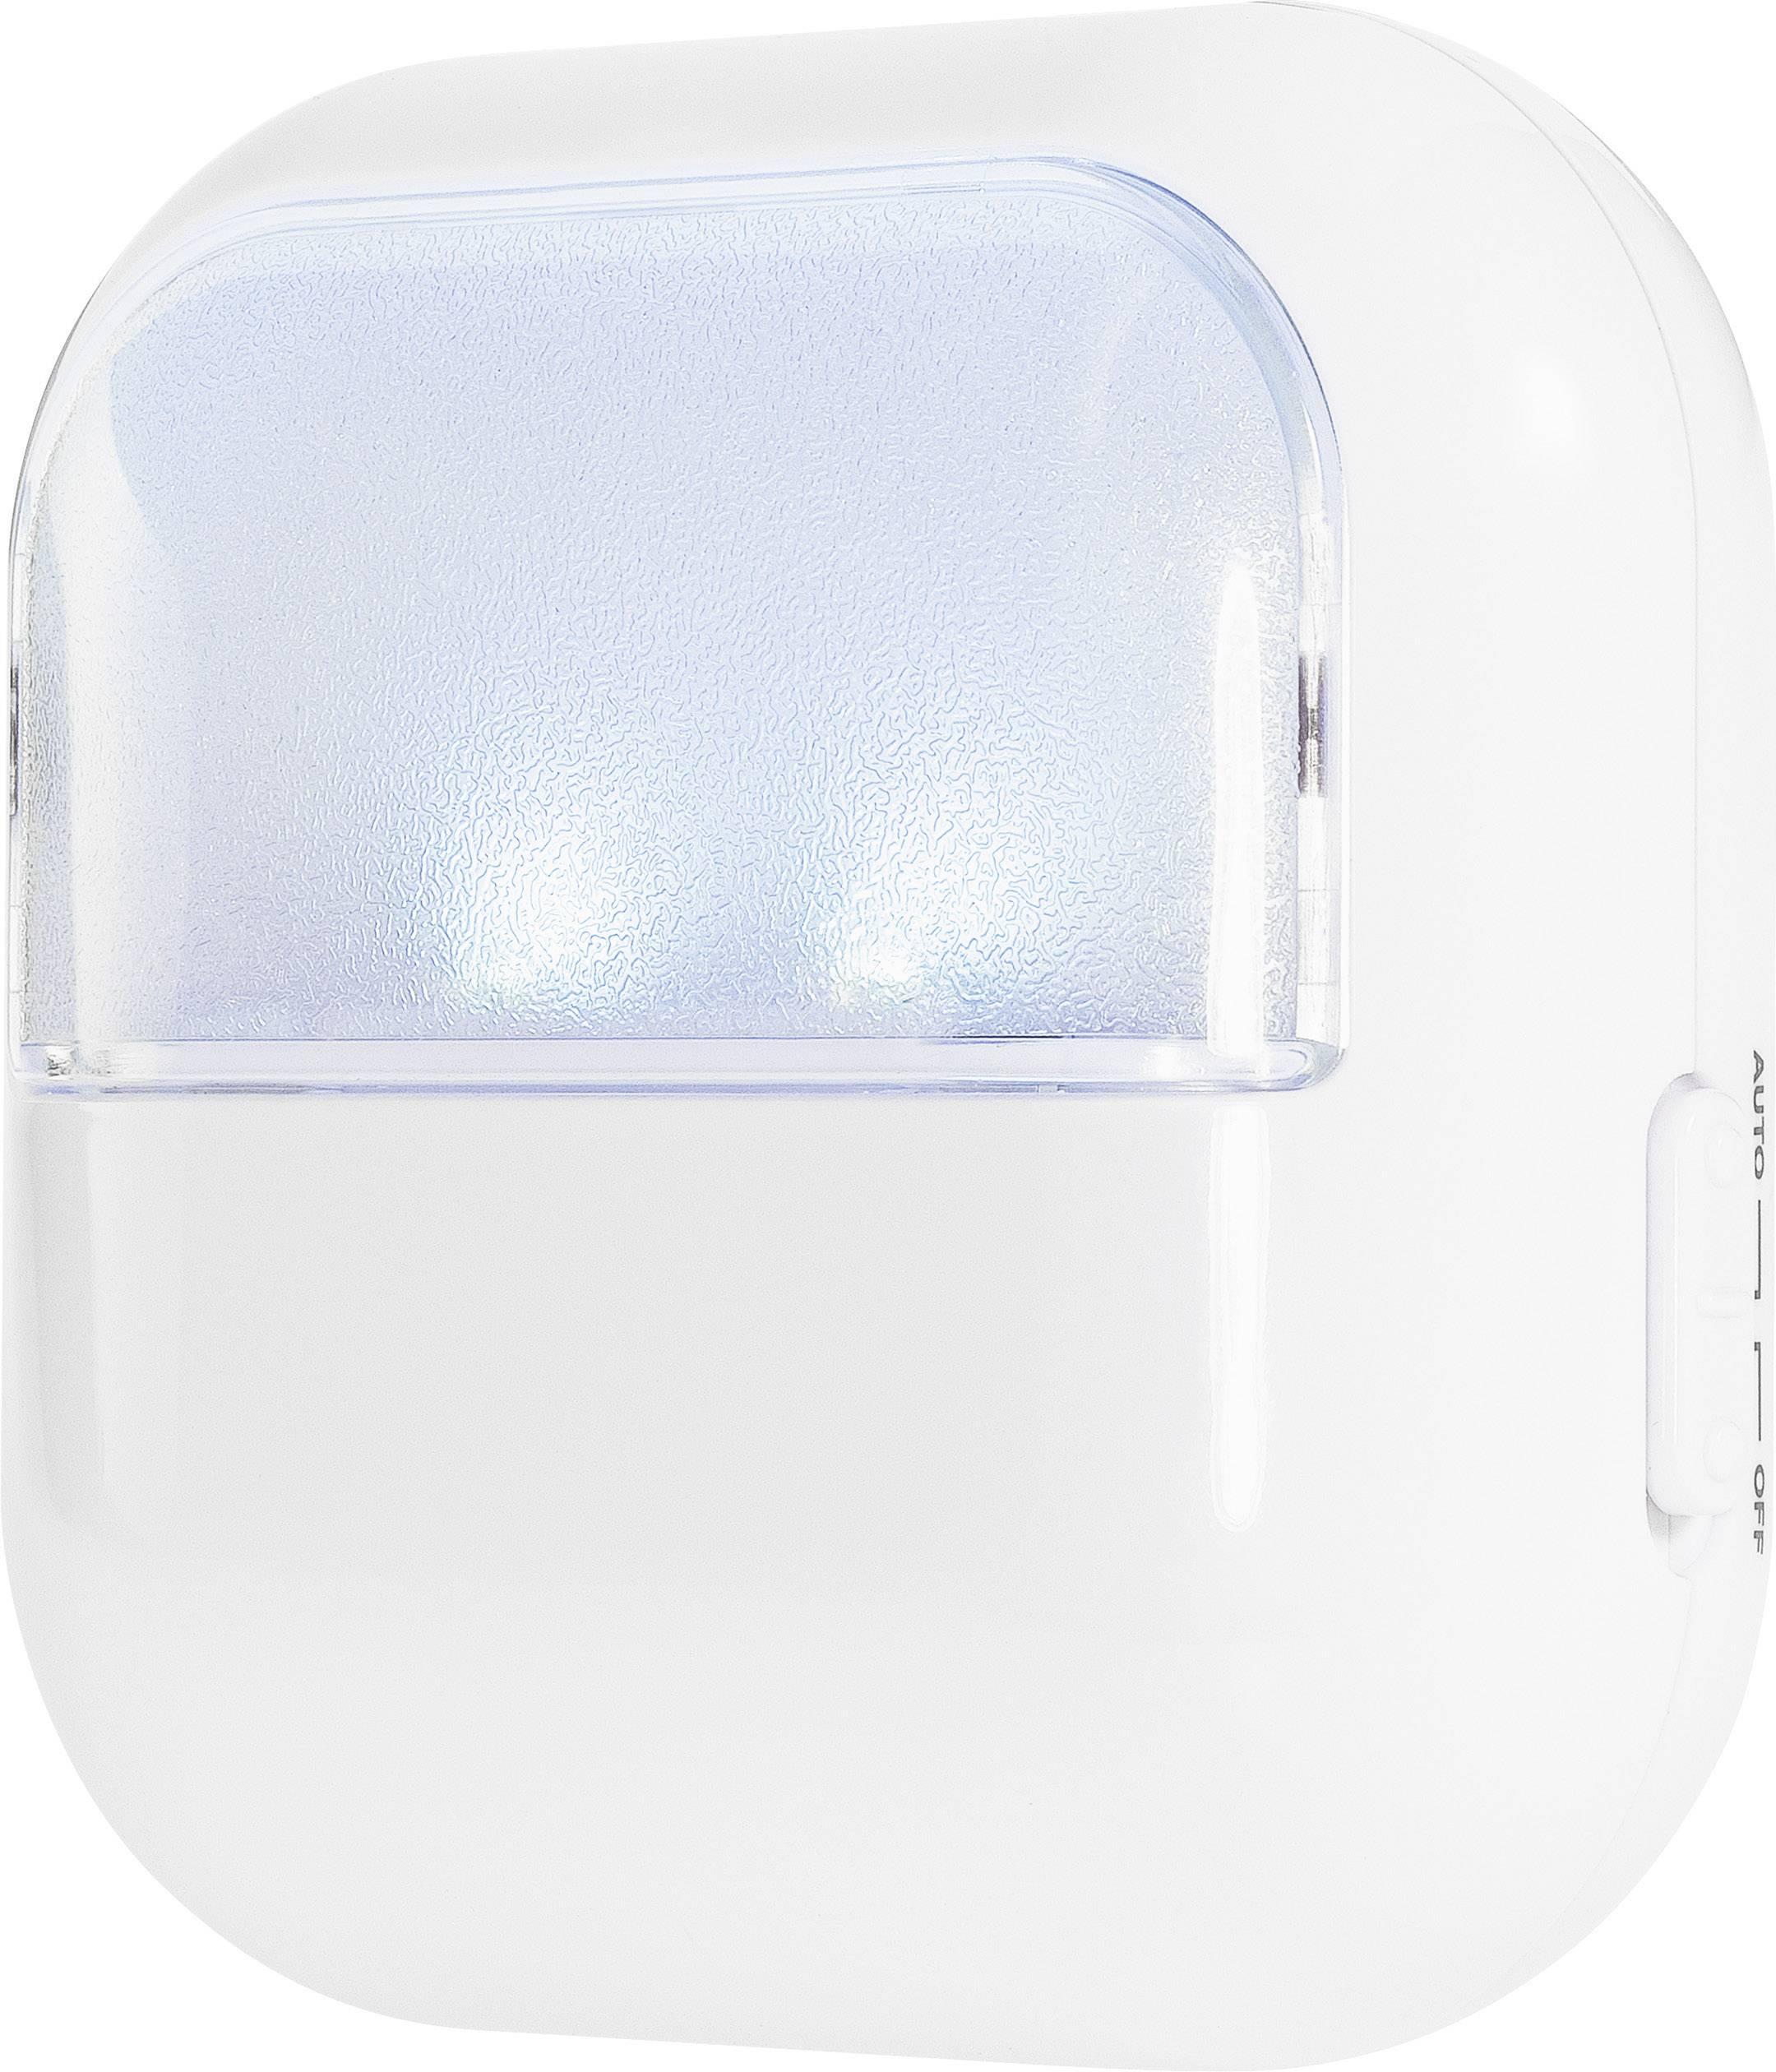 LED nočné svetlo Renkforce Kim, farba svetla chladná biela, biela